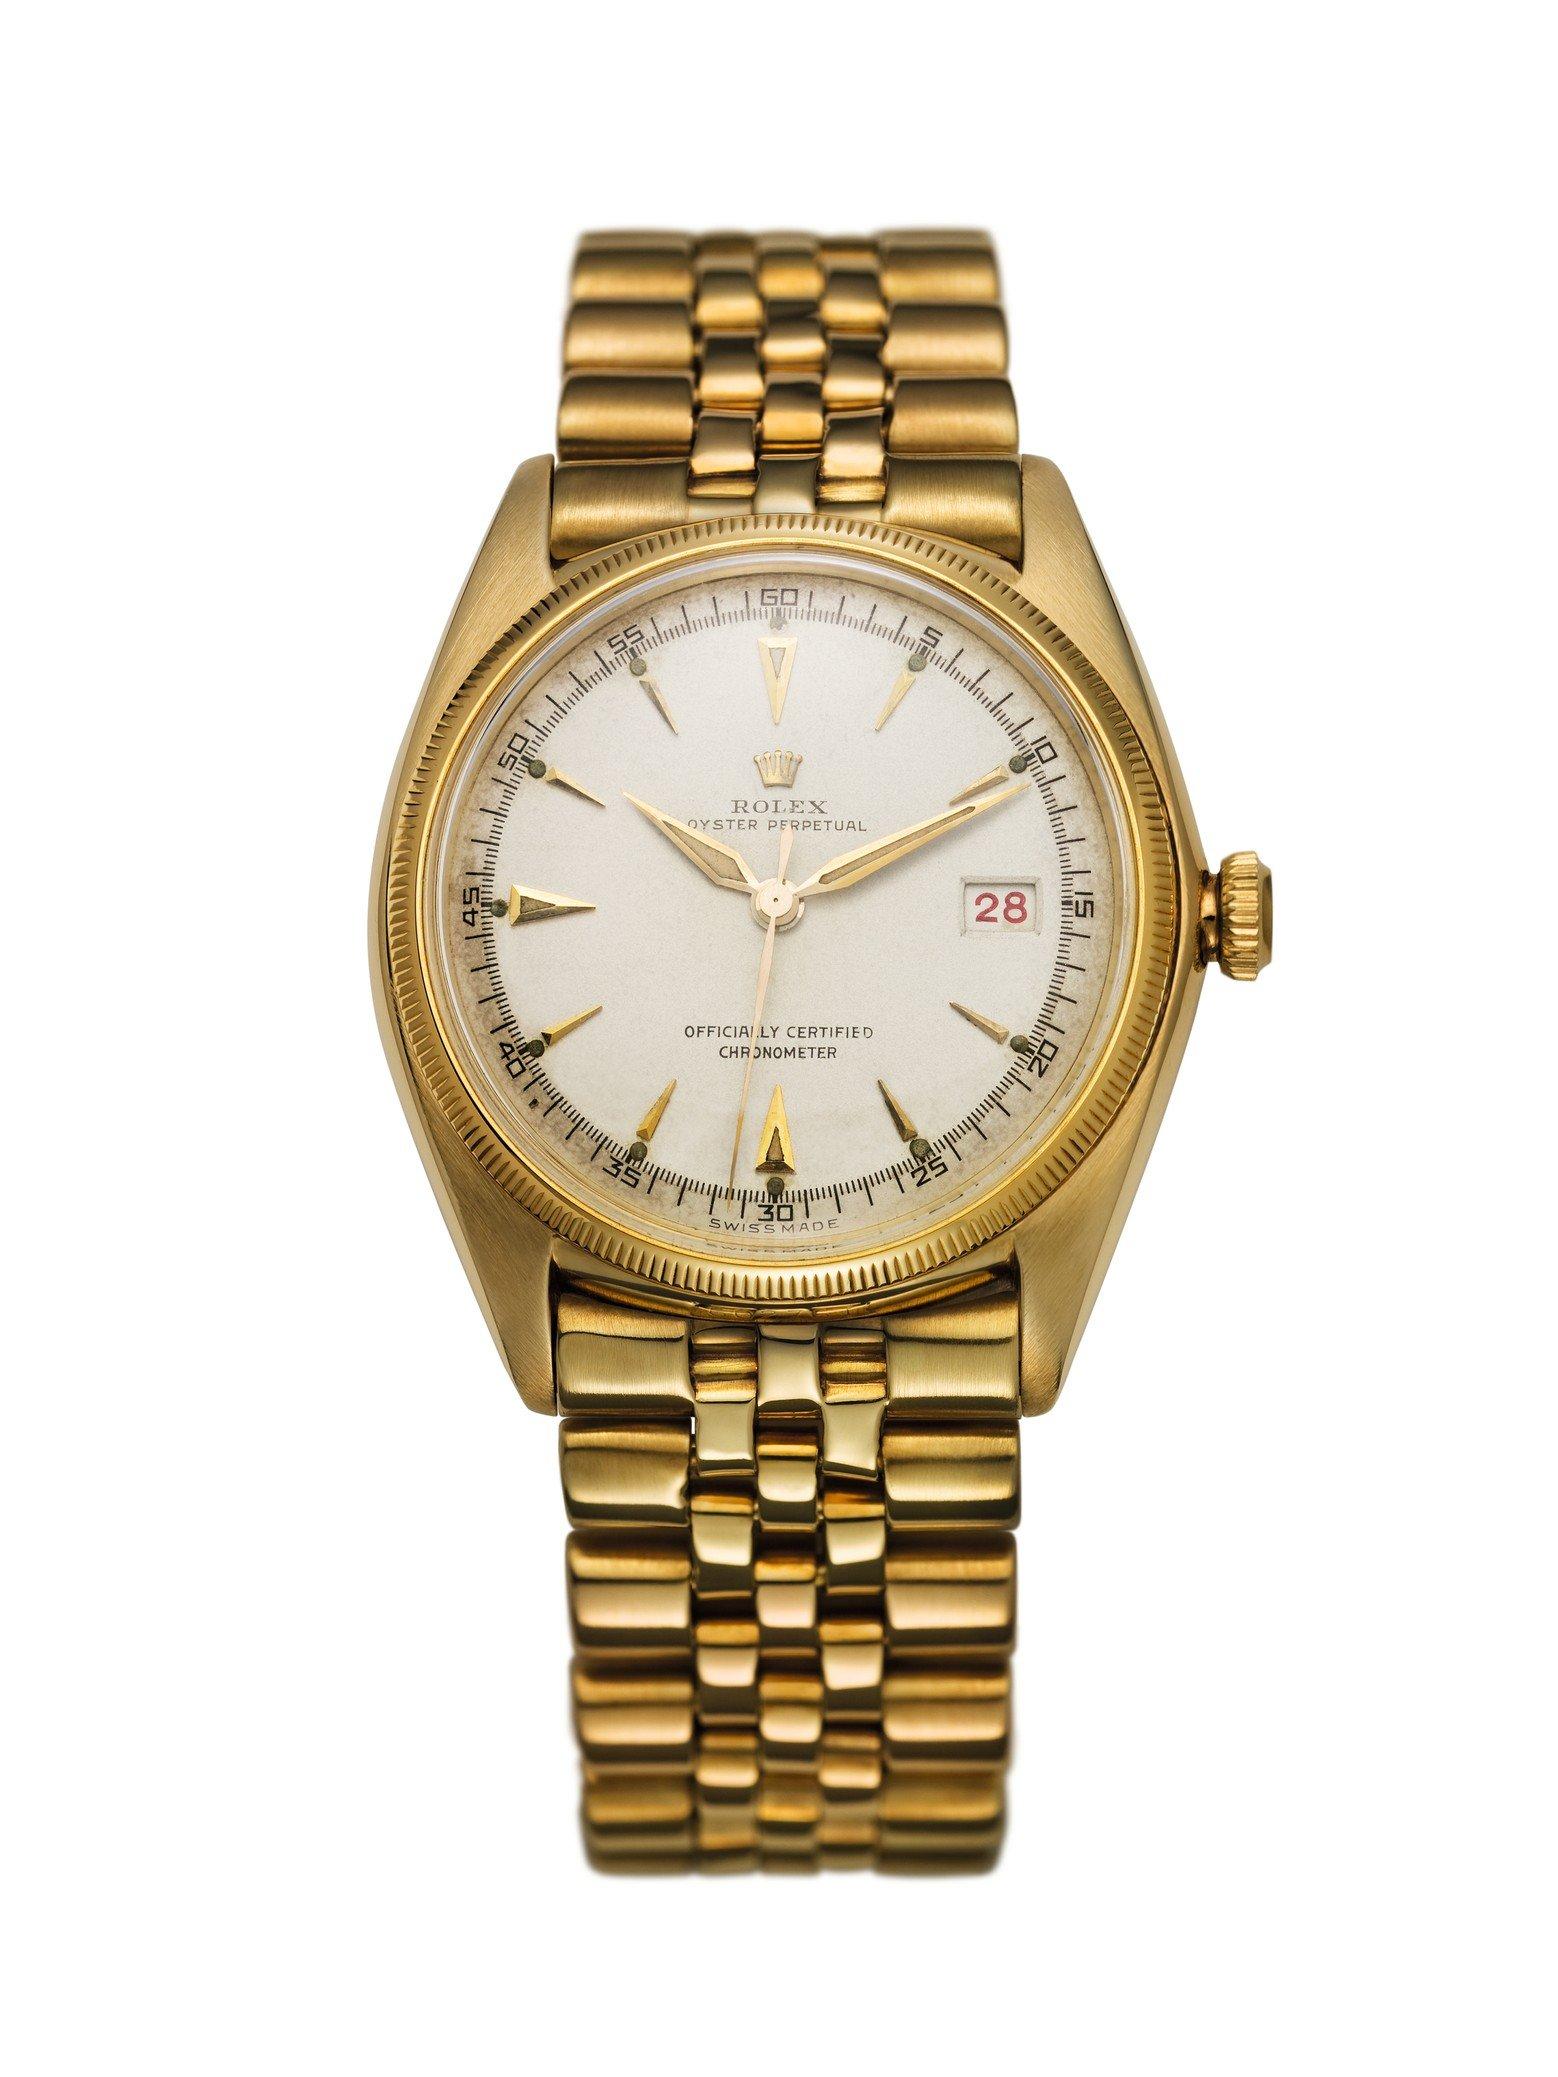 Erste-Rolex-Datejust-1945-1